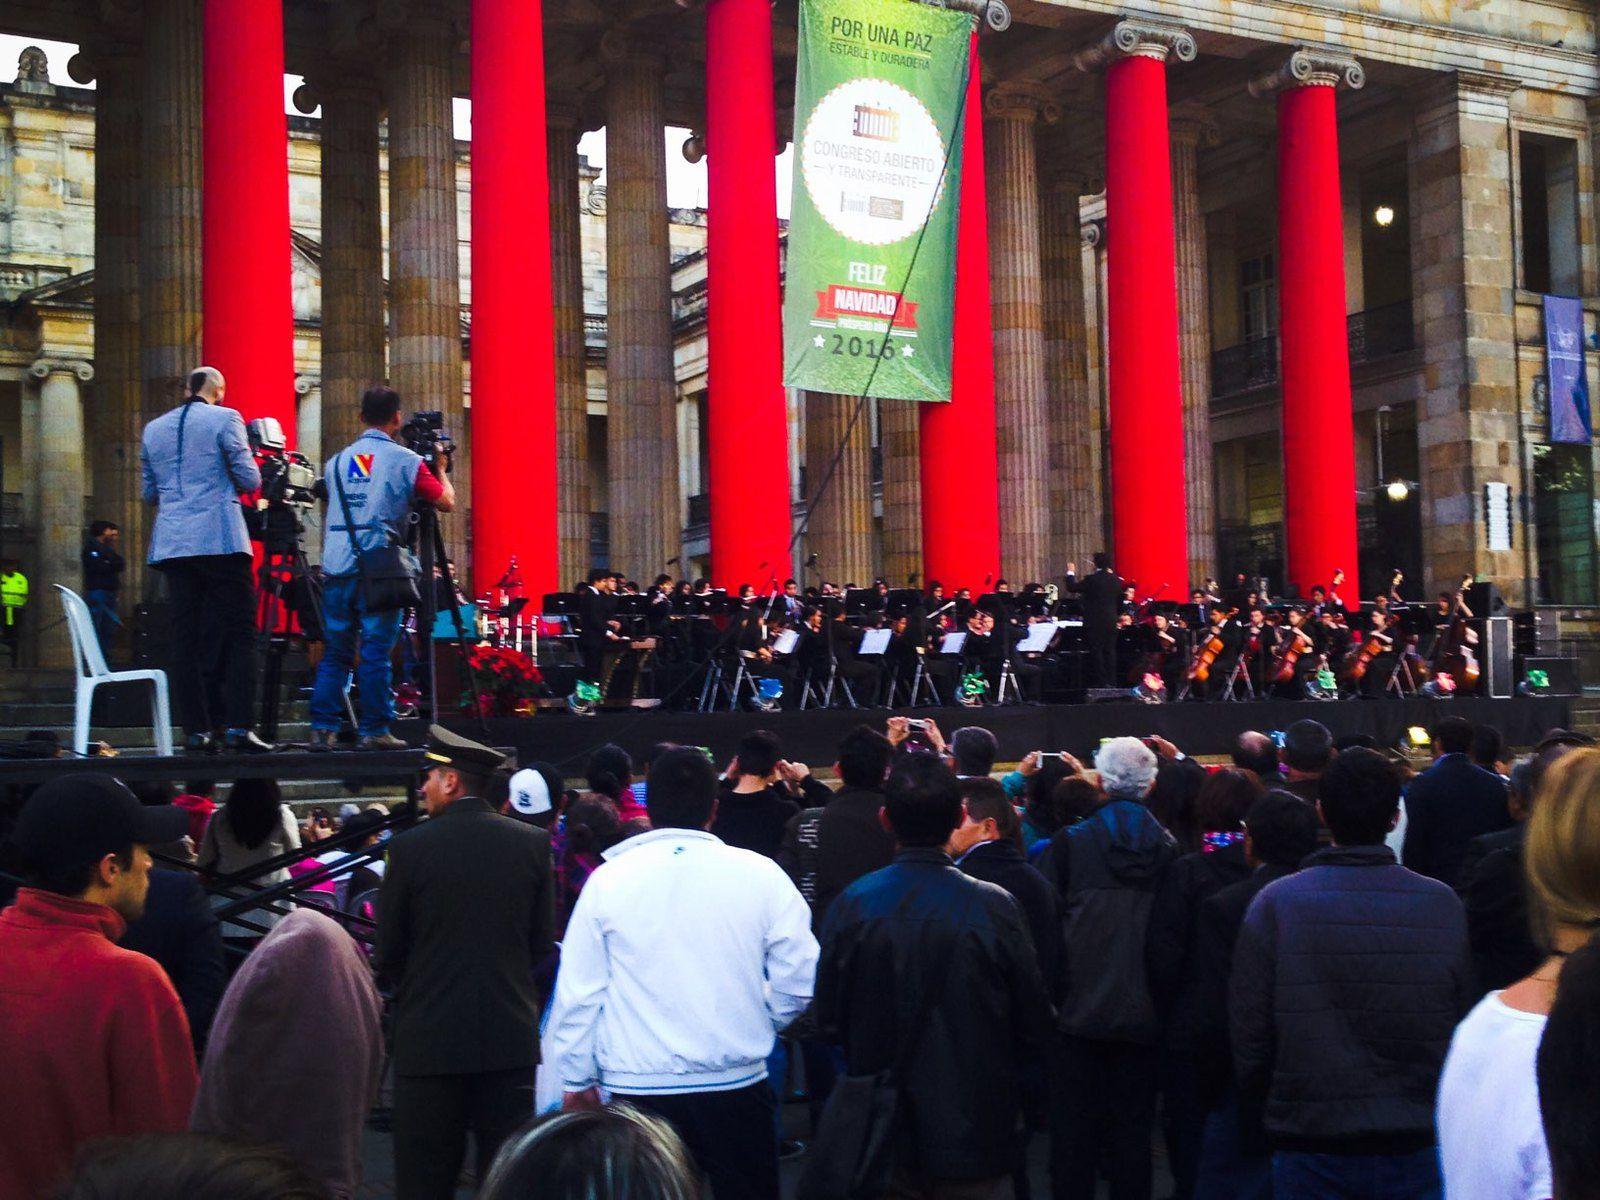 Sur la grande Plaza Mayor la Cathédrale et un orchestre  philharmonique. Dommage de ne pas pouvoir l'écouter un moment sans cette pression.